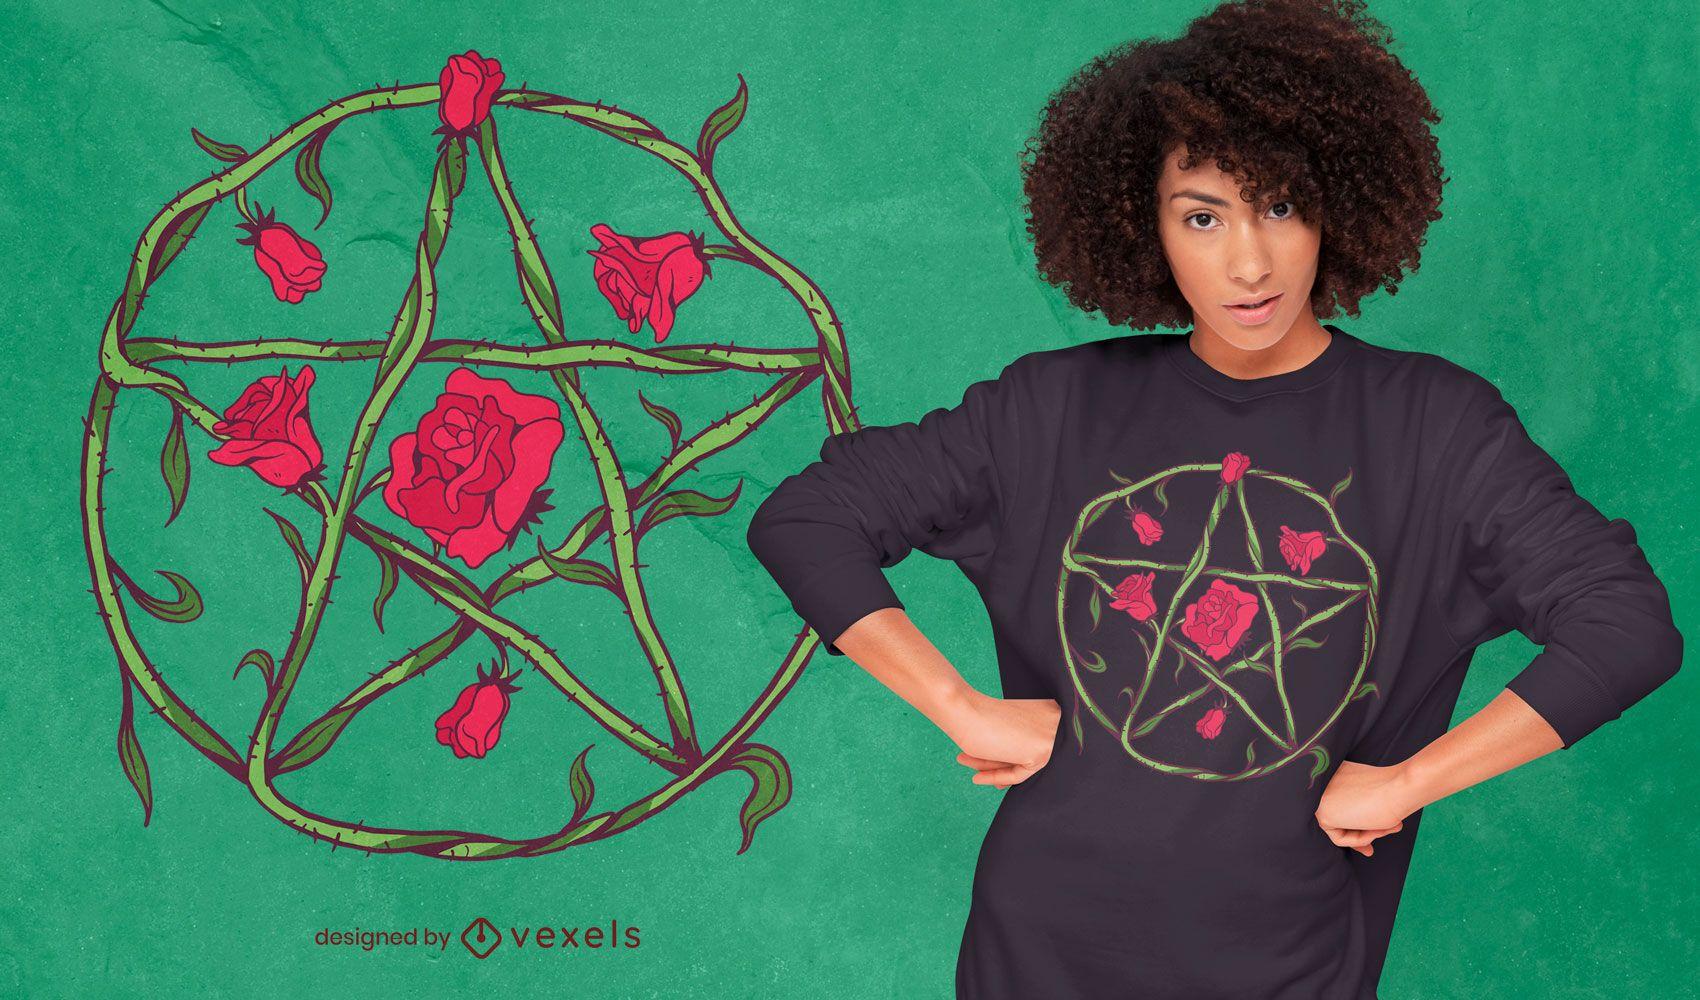 Rose pentagram floral t-shirt design